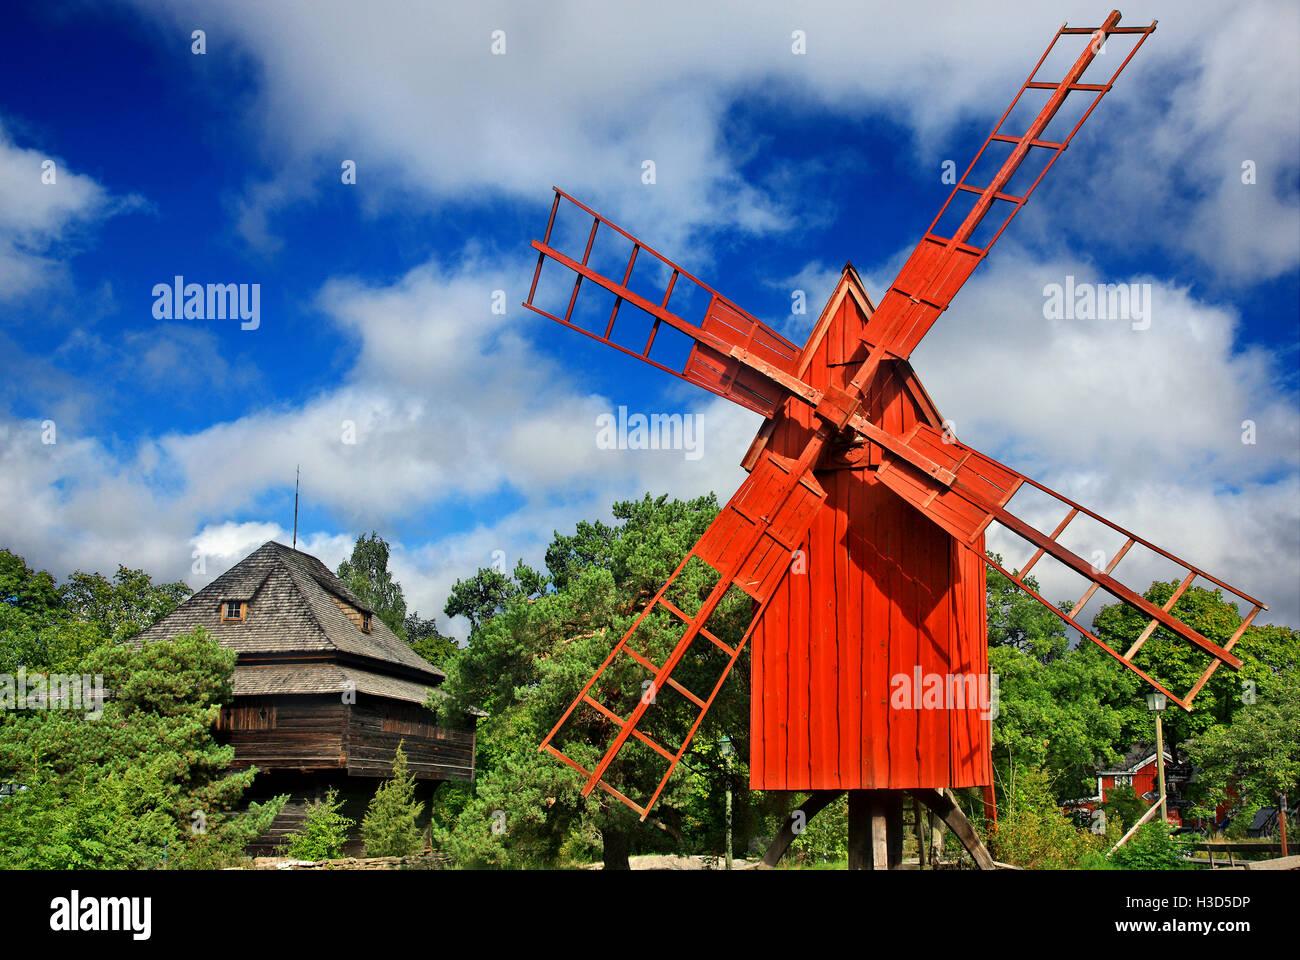 Beau vieux moulin en plein air Skansen, l'île de Djurgarden, Stockholm, Suède Photo Stock